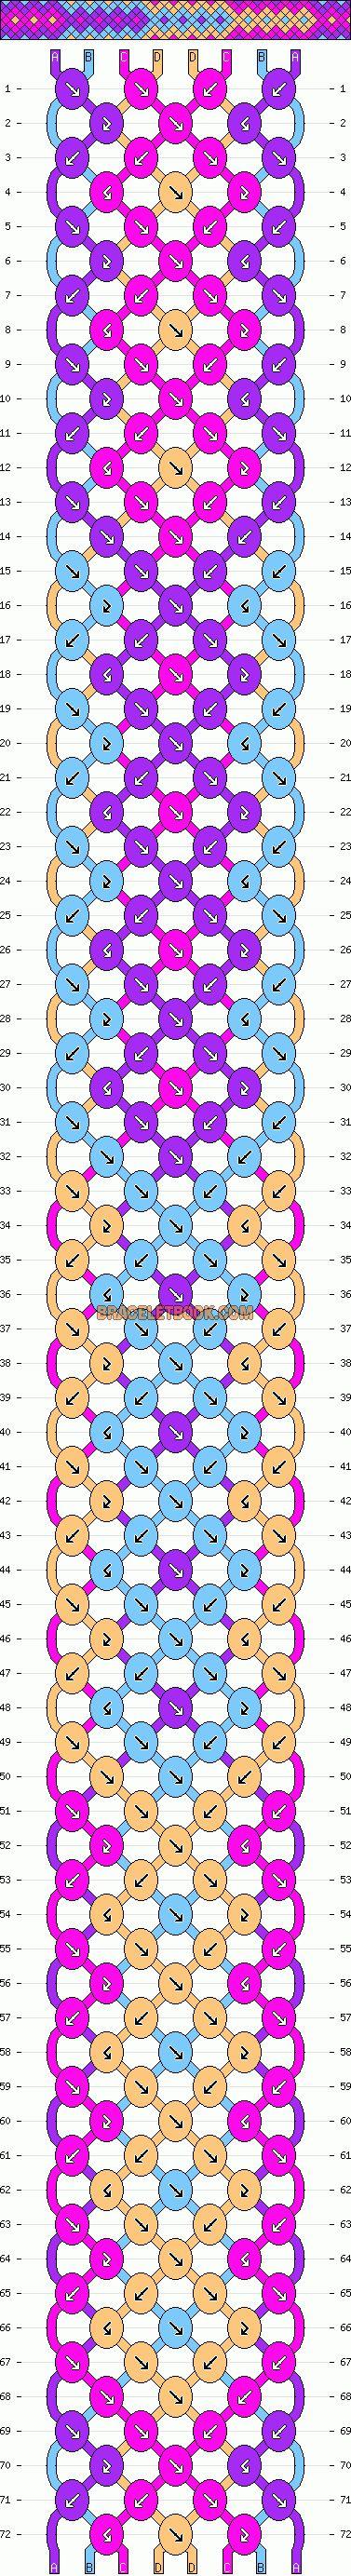 Gradient arrowhead pattern for friendship bracelets